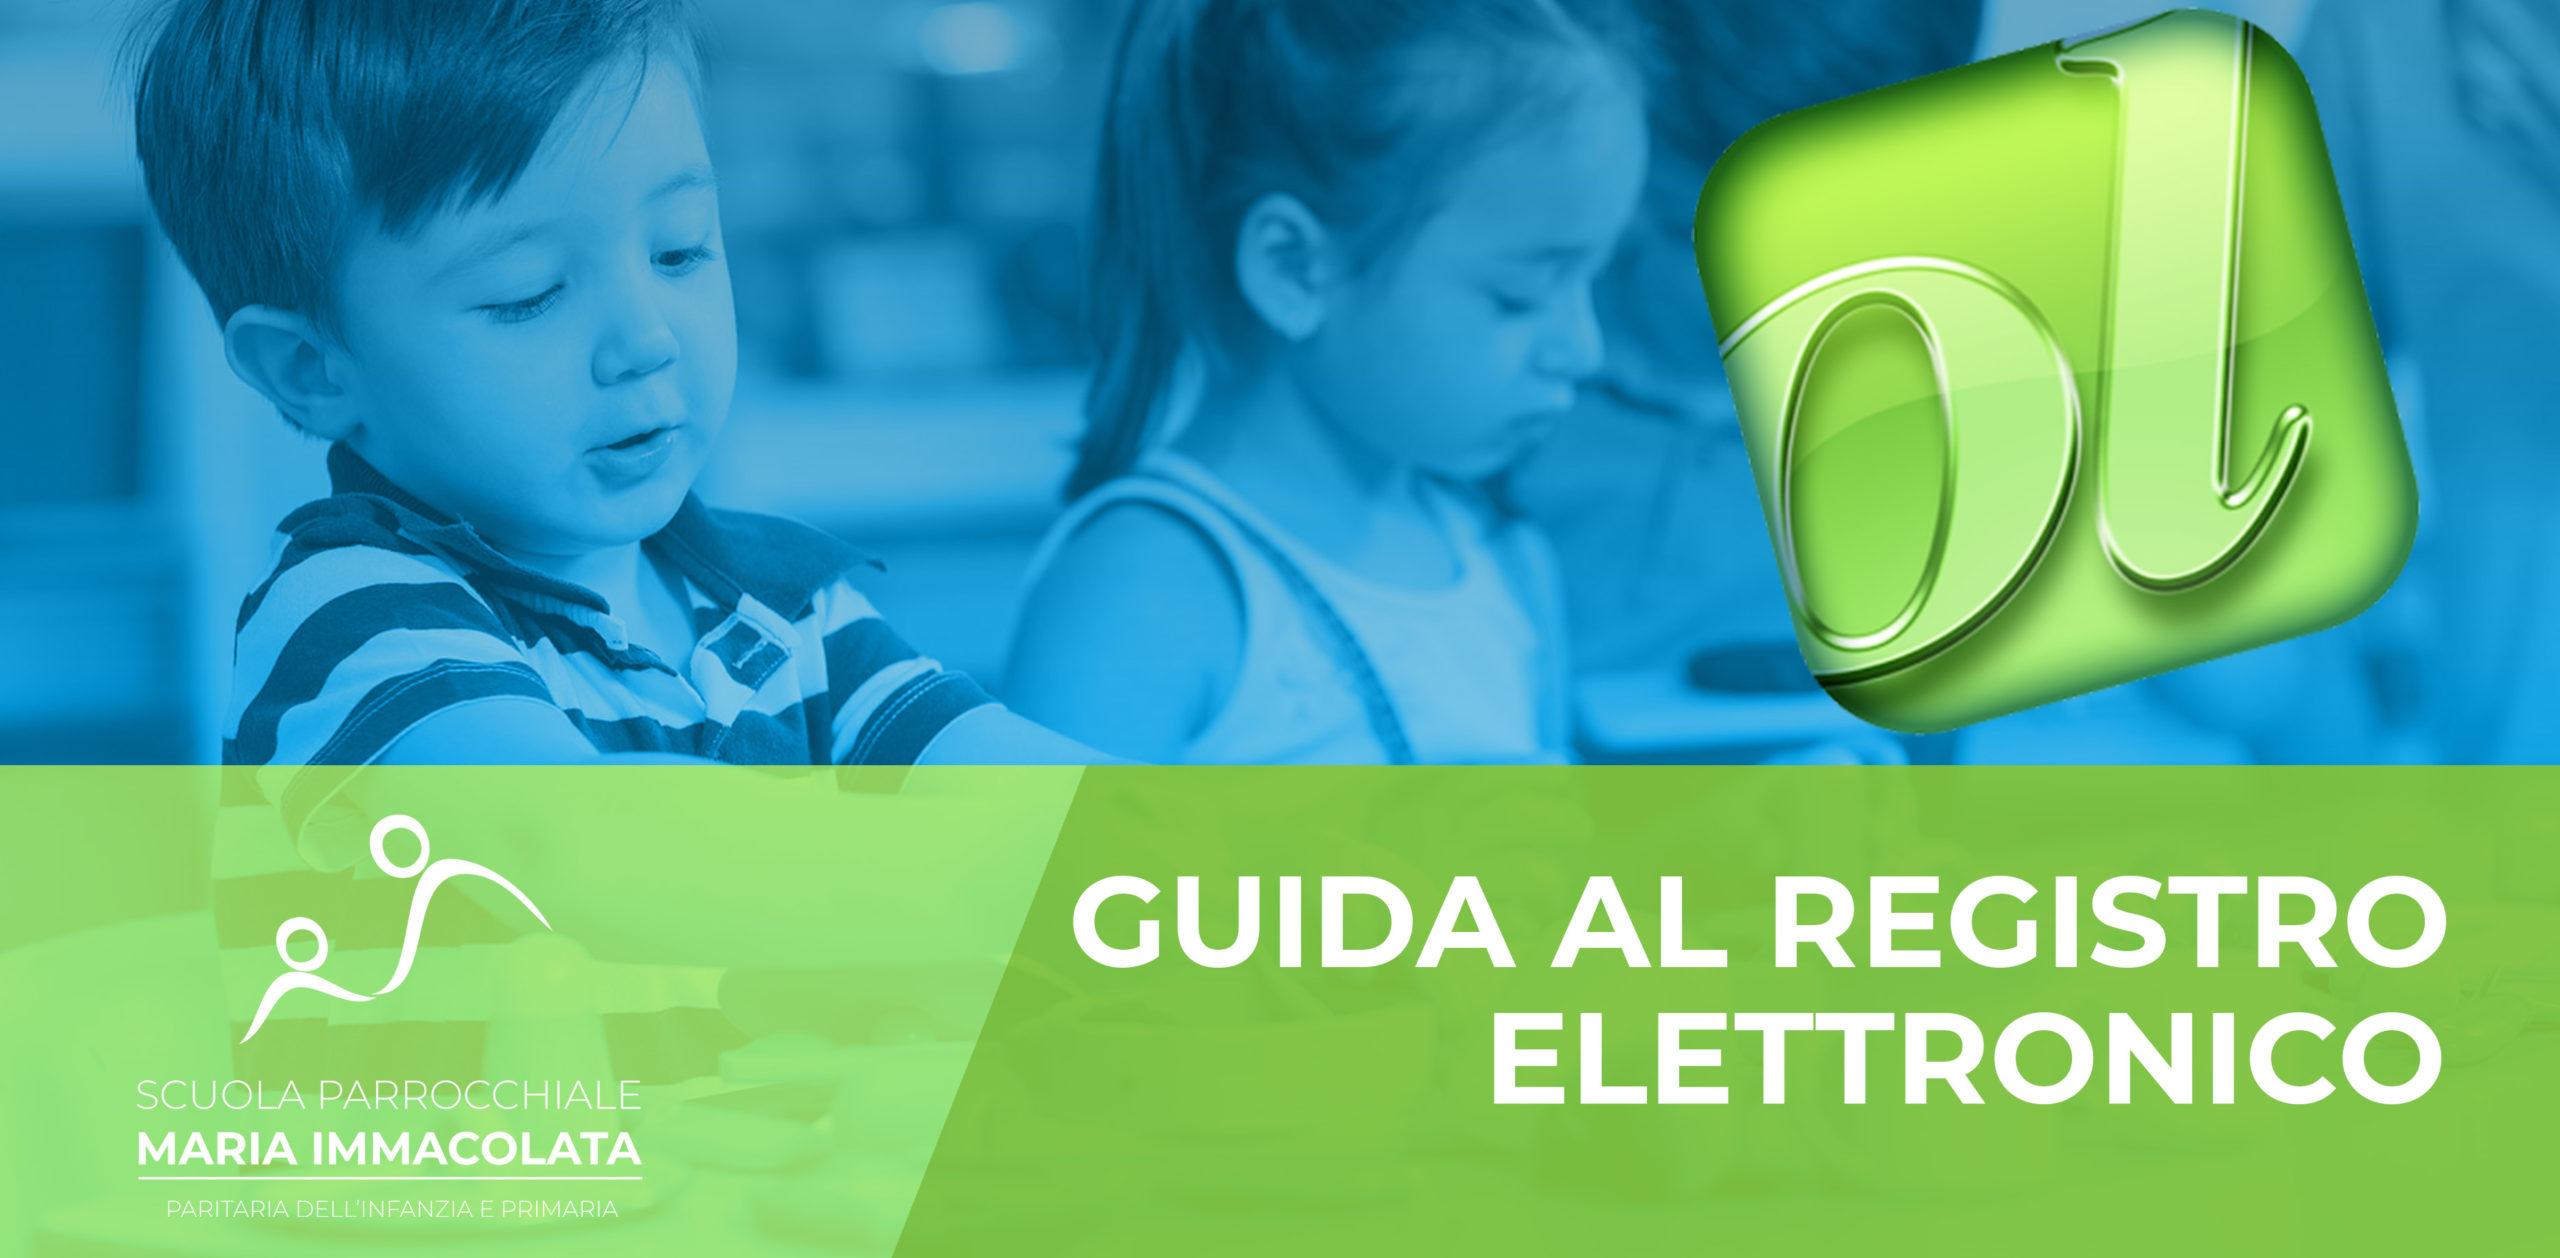 Guida al Registro elettronico ScuolaOnline